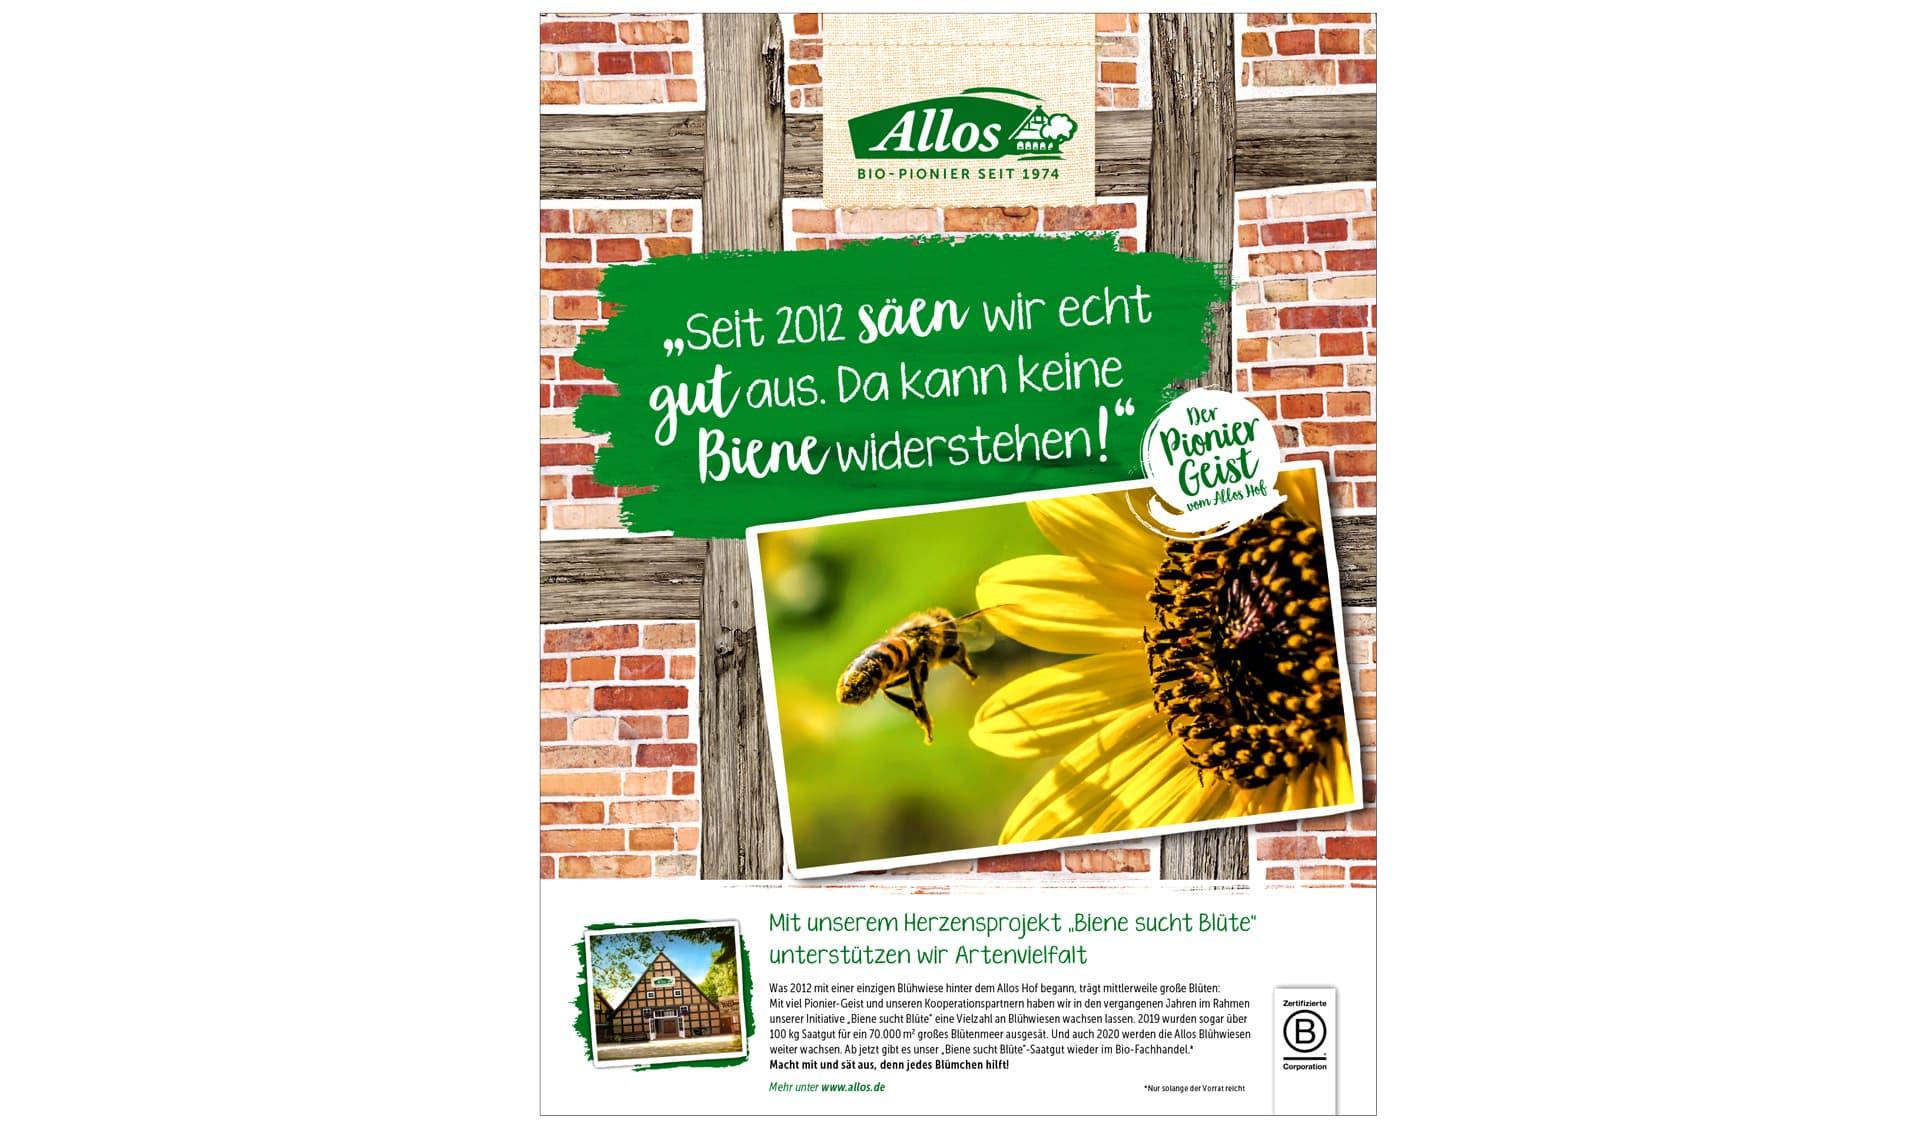 Anzeige von Allos